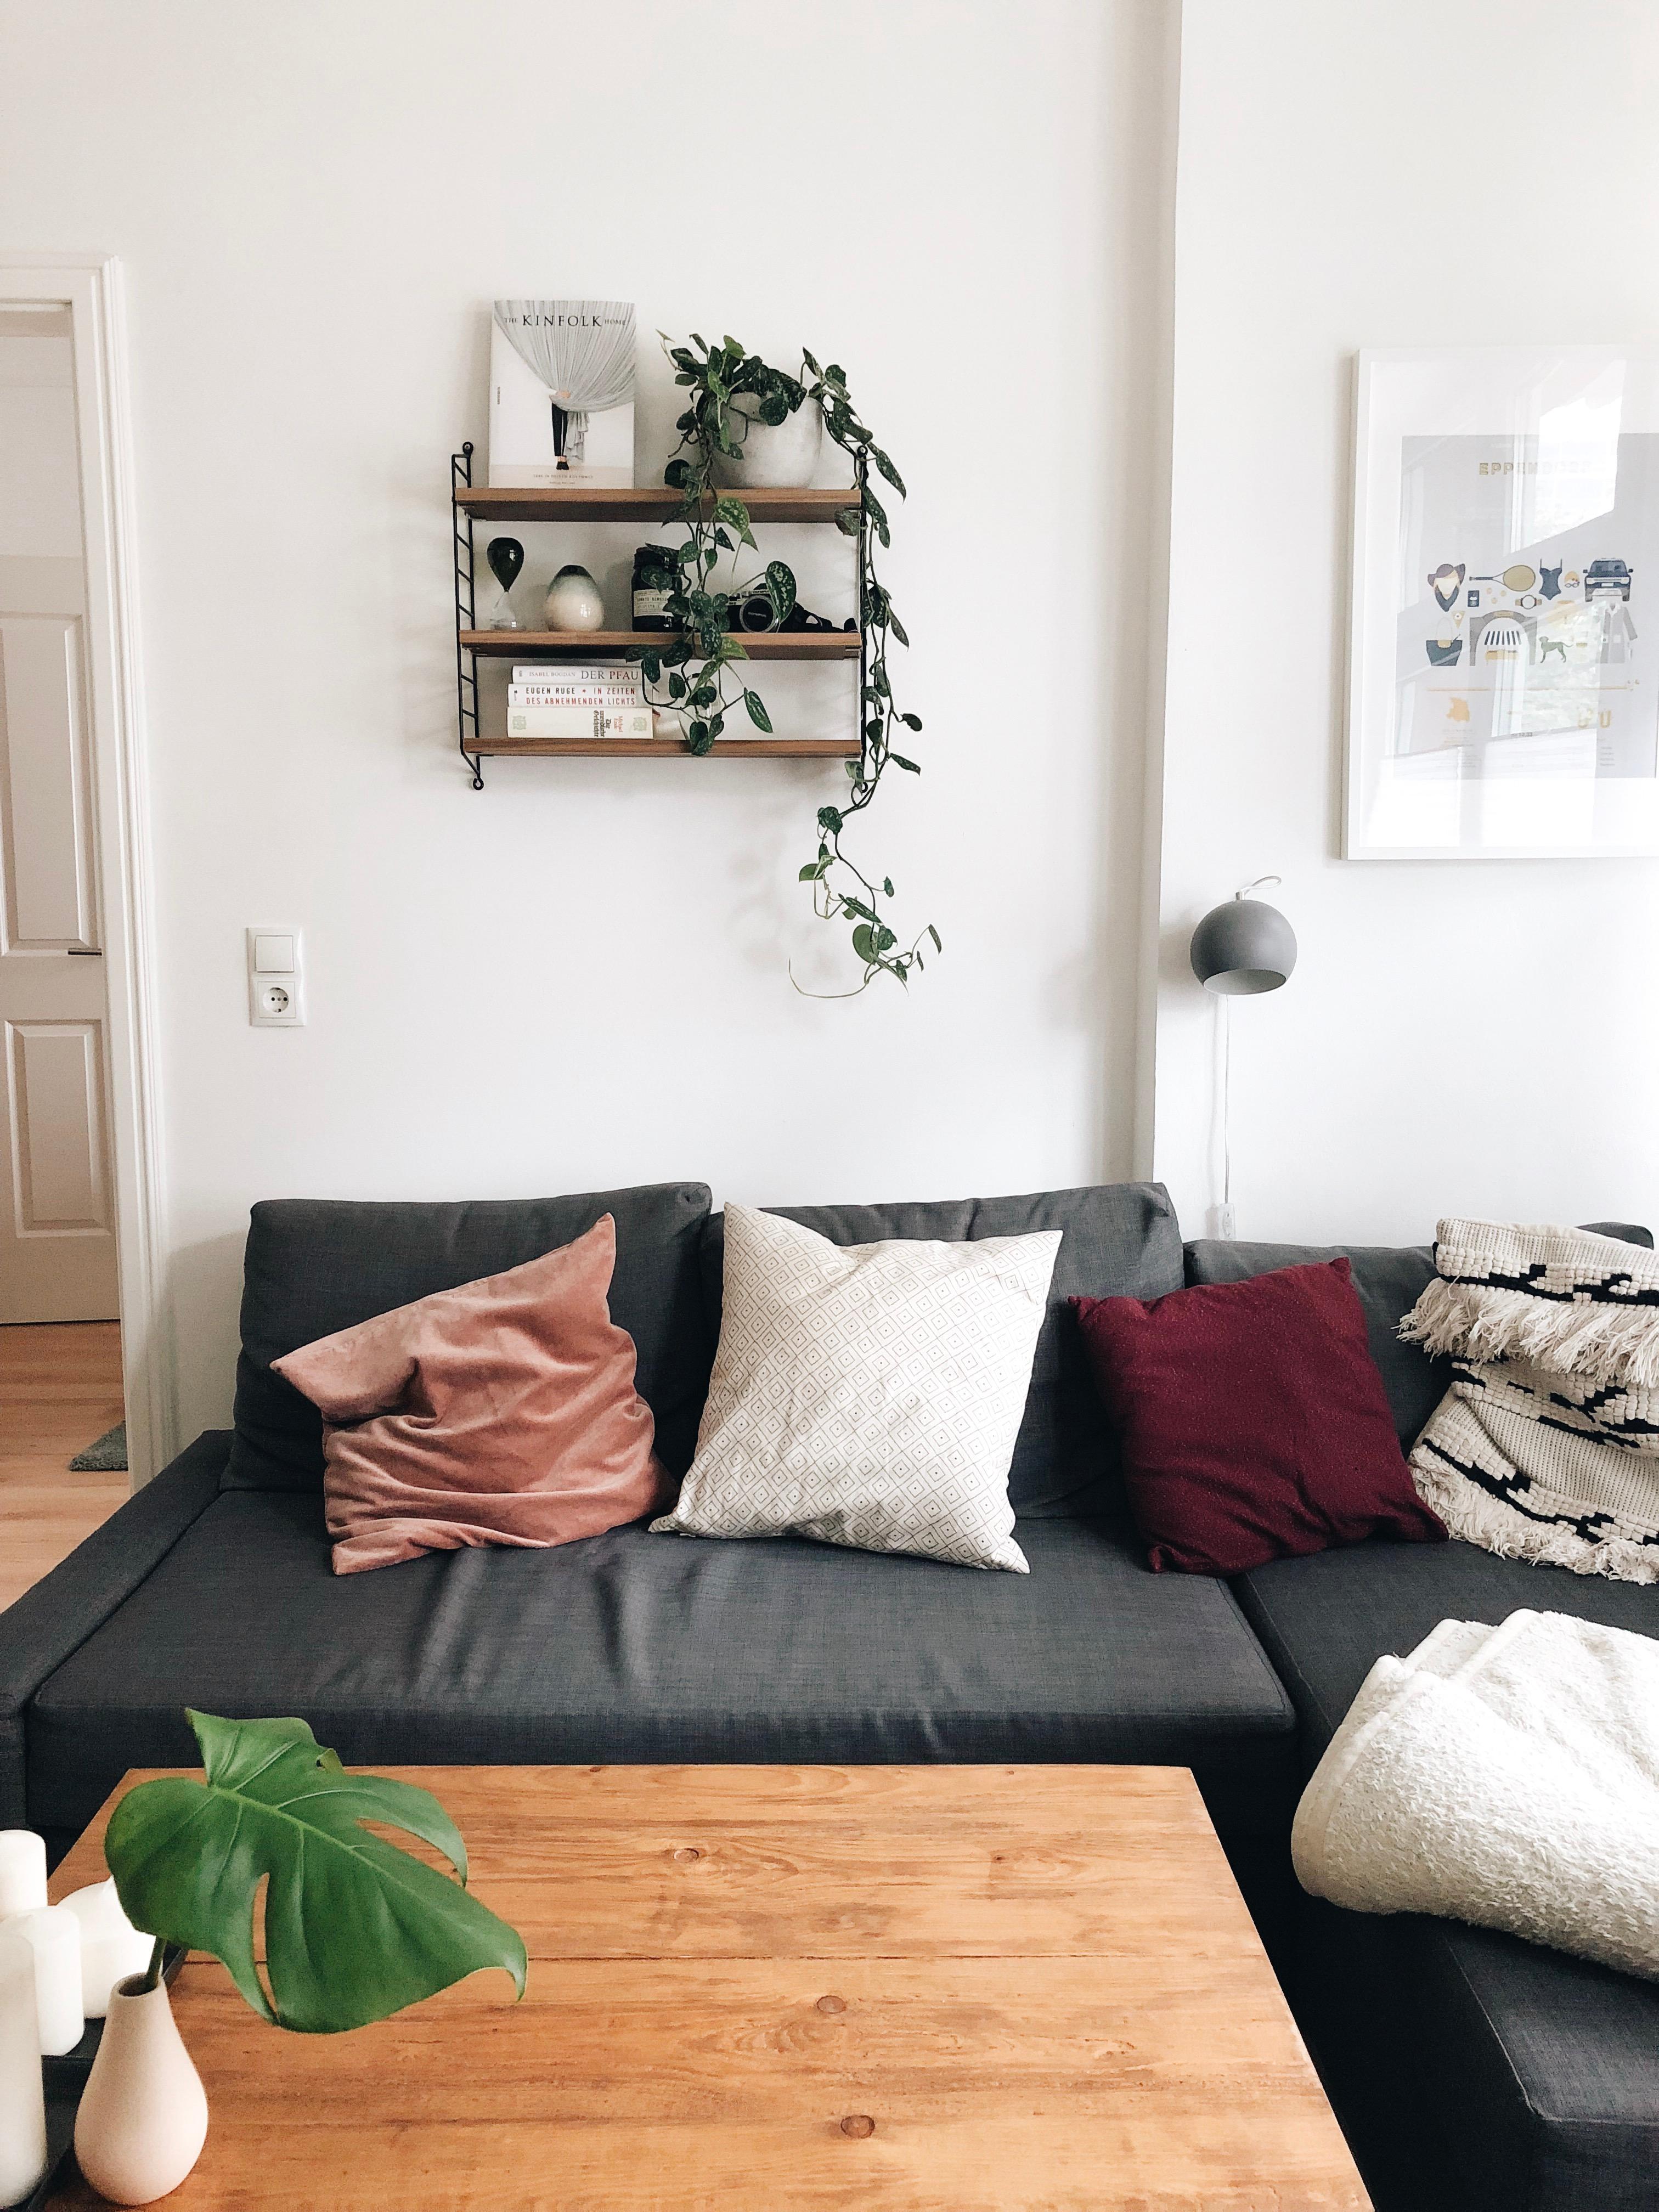 couchstyle wohnzimmer livingroom scandistyle stringregal